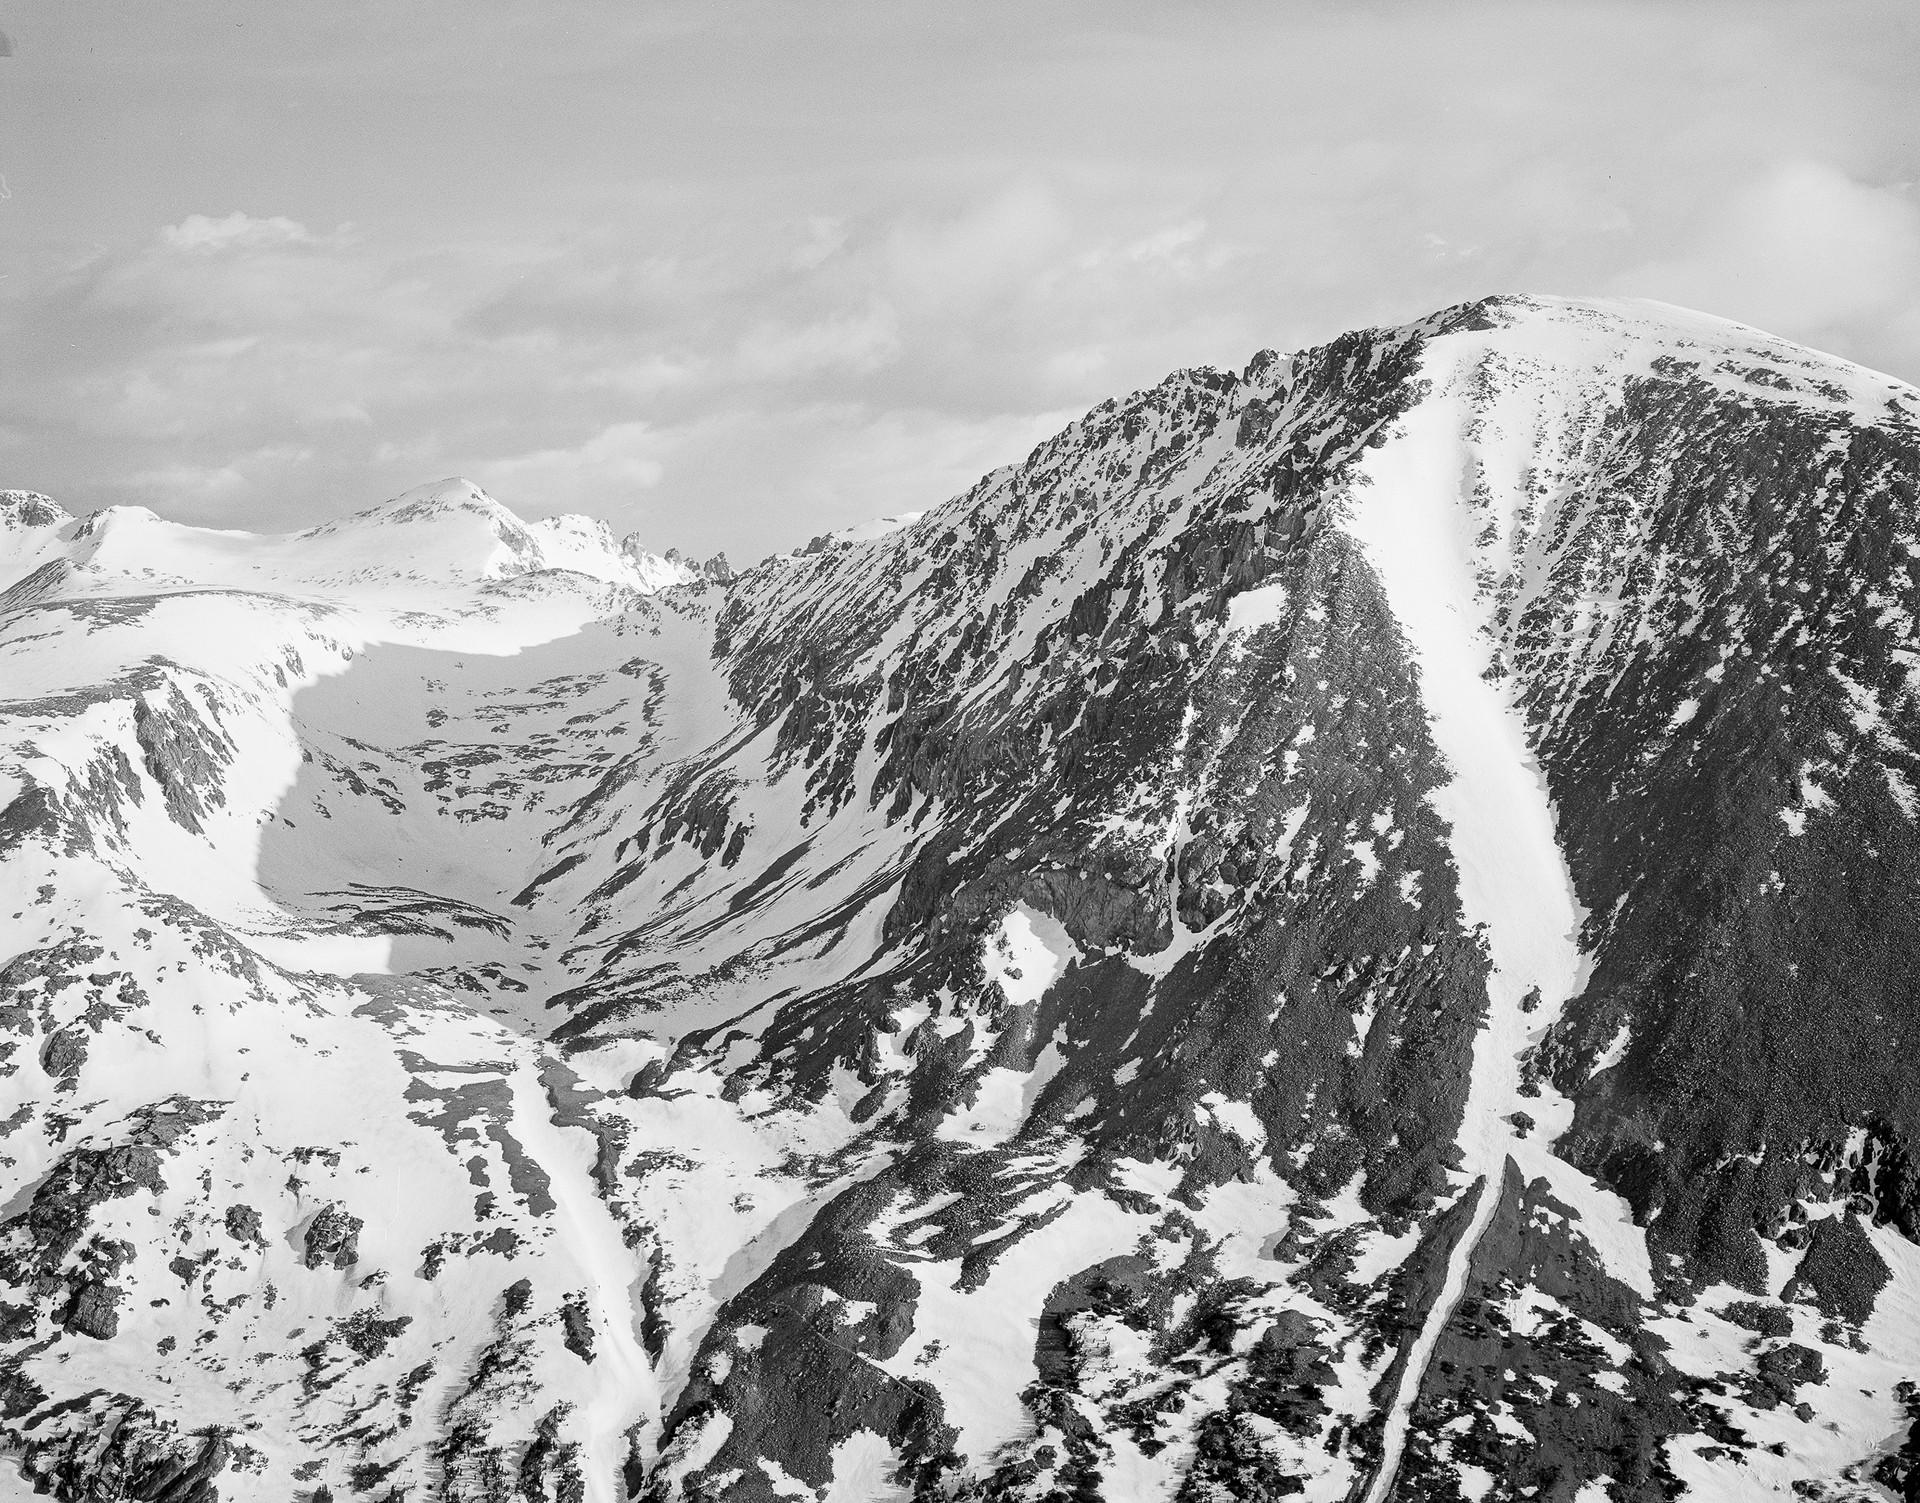 Quandry Peak